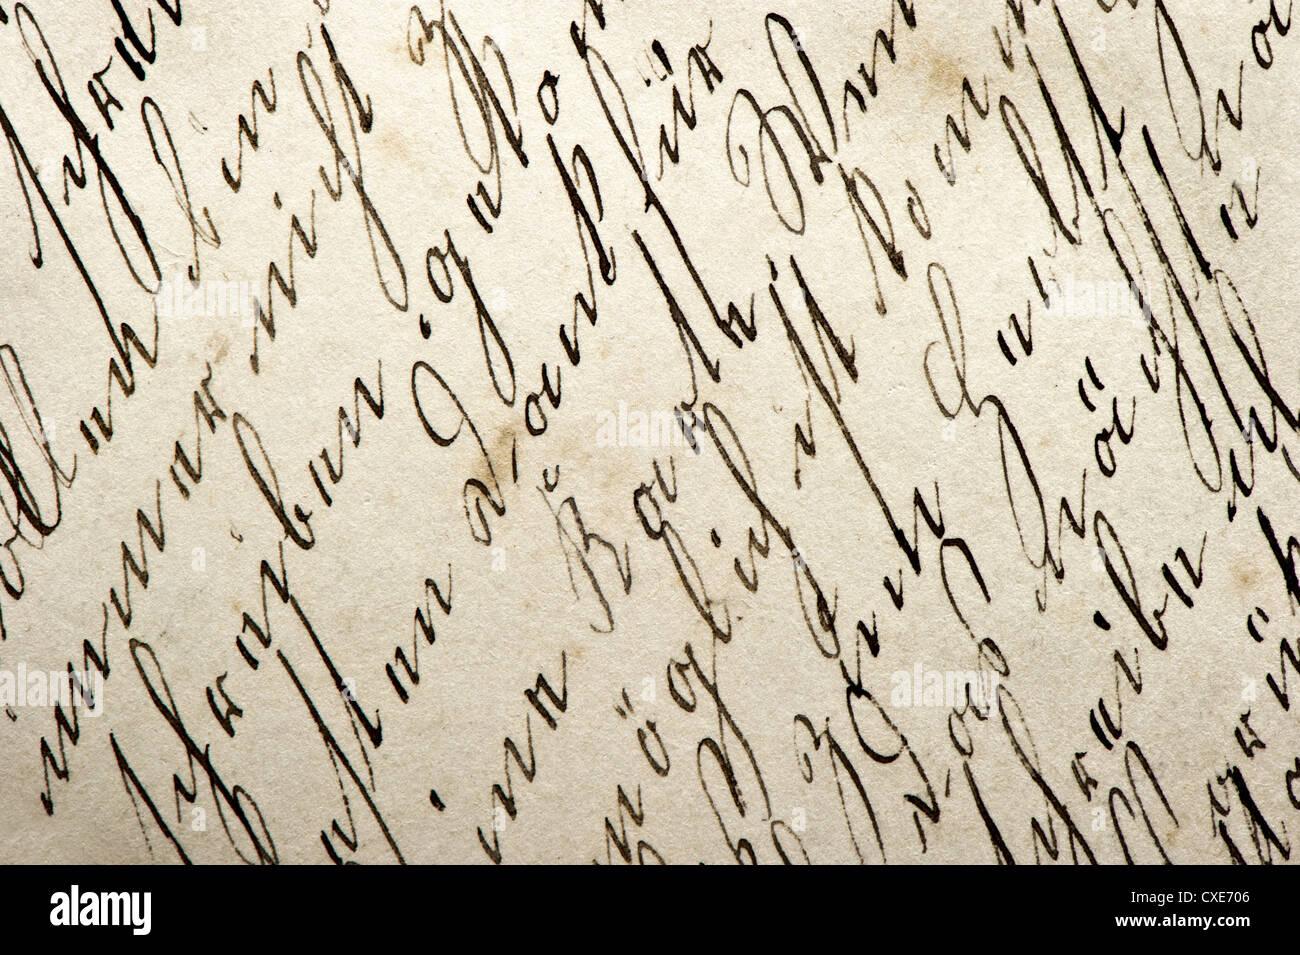 Antico manoscritto con grafia vintage abstract grungy sfondo della carta Immagini Stock